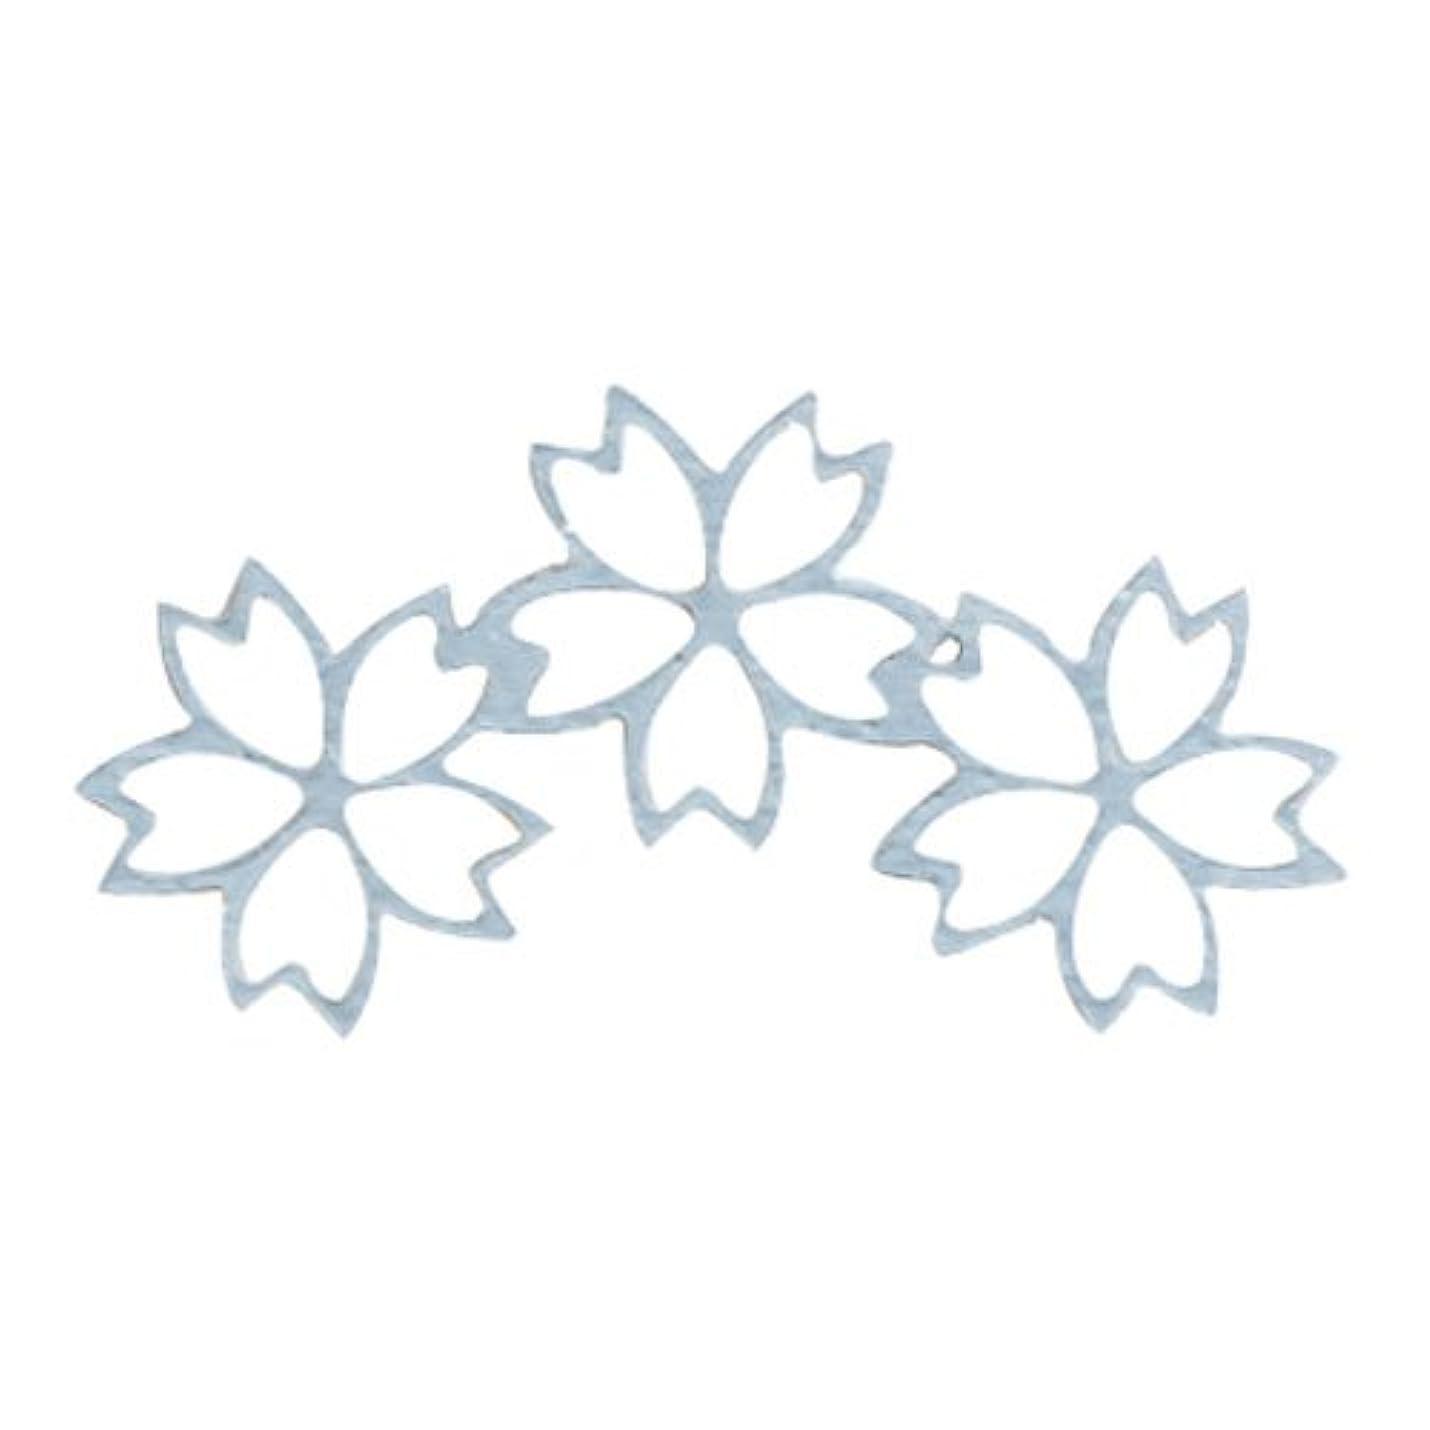 ハーブリンス微生物リトルプリティー ネイルアートパーツ チェリーブロッサム3連スカシ シルバー 10個